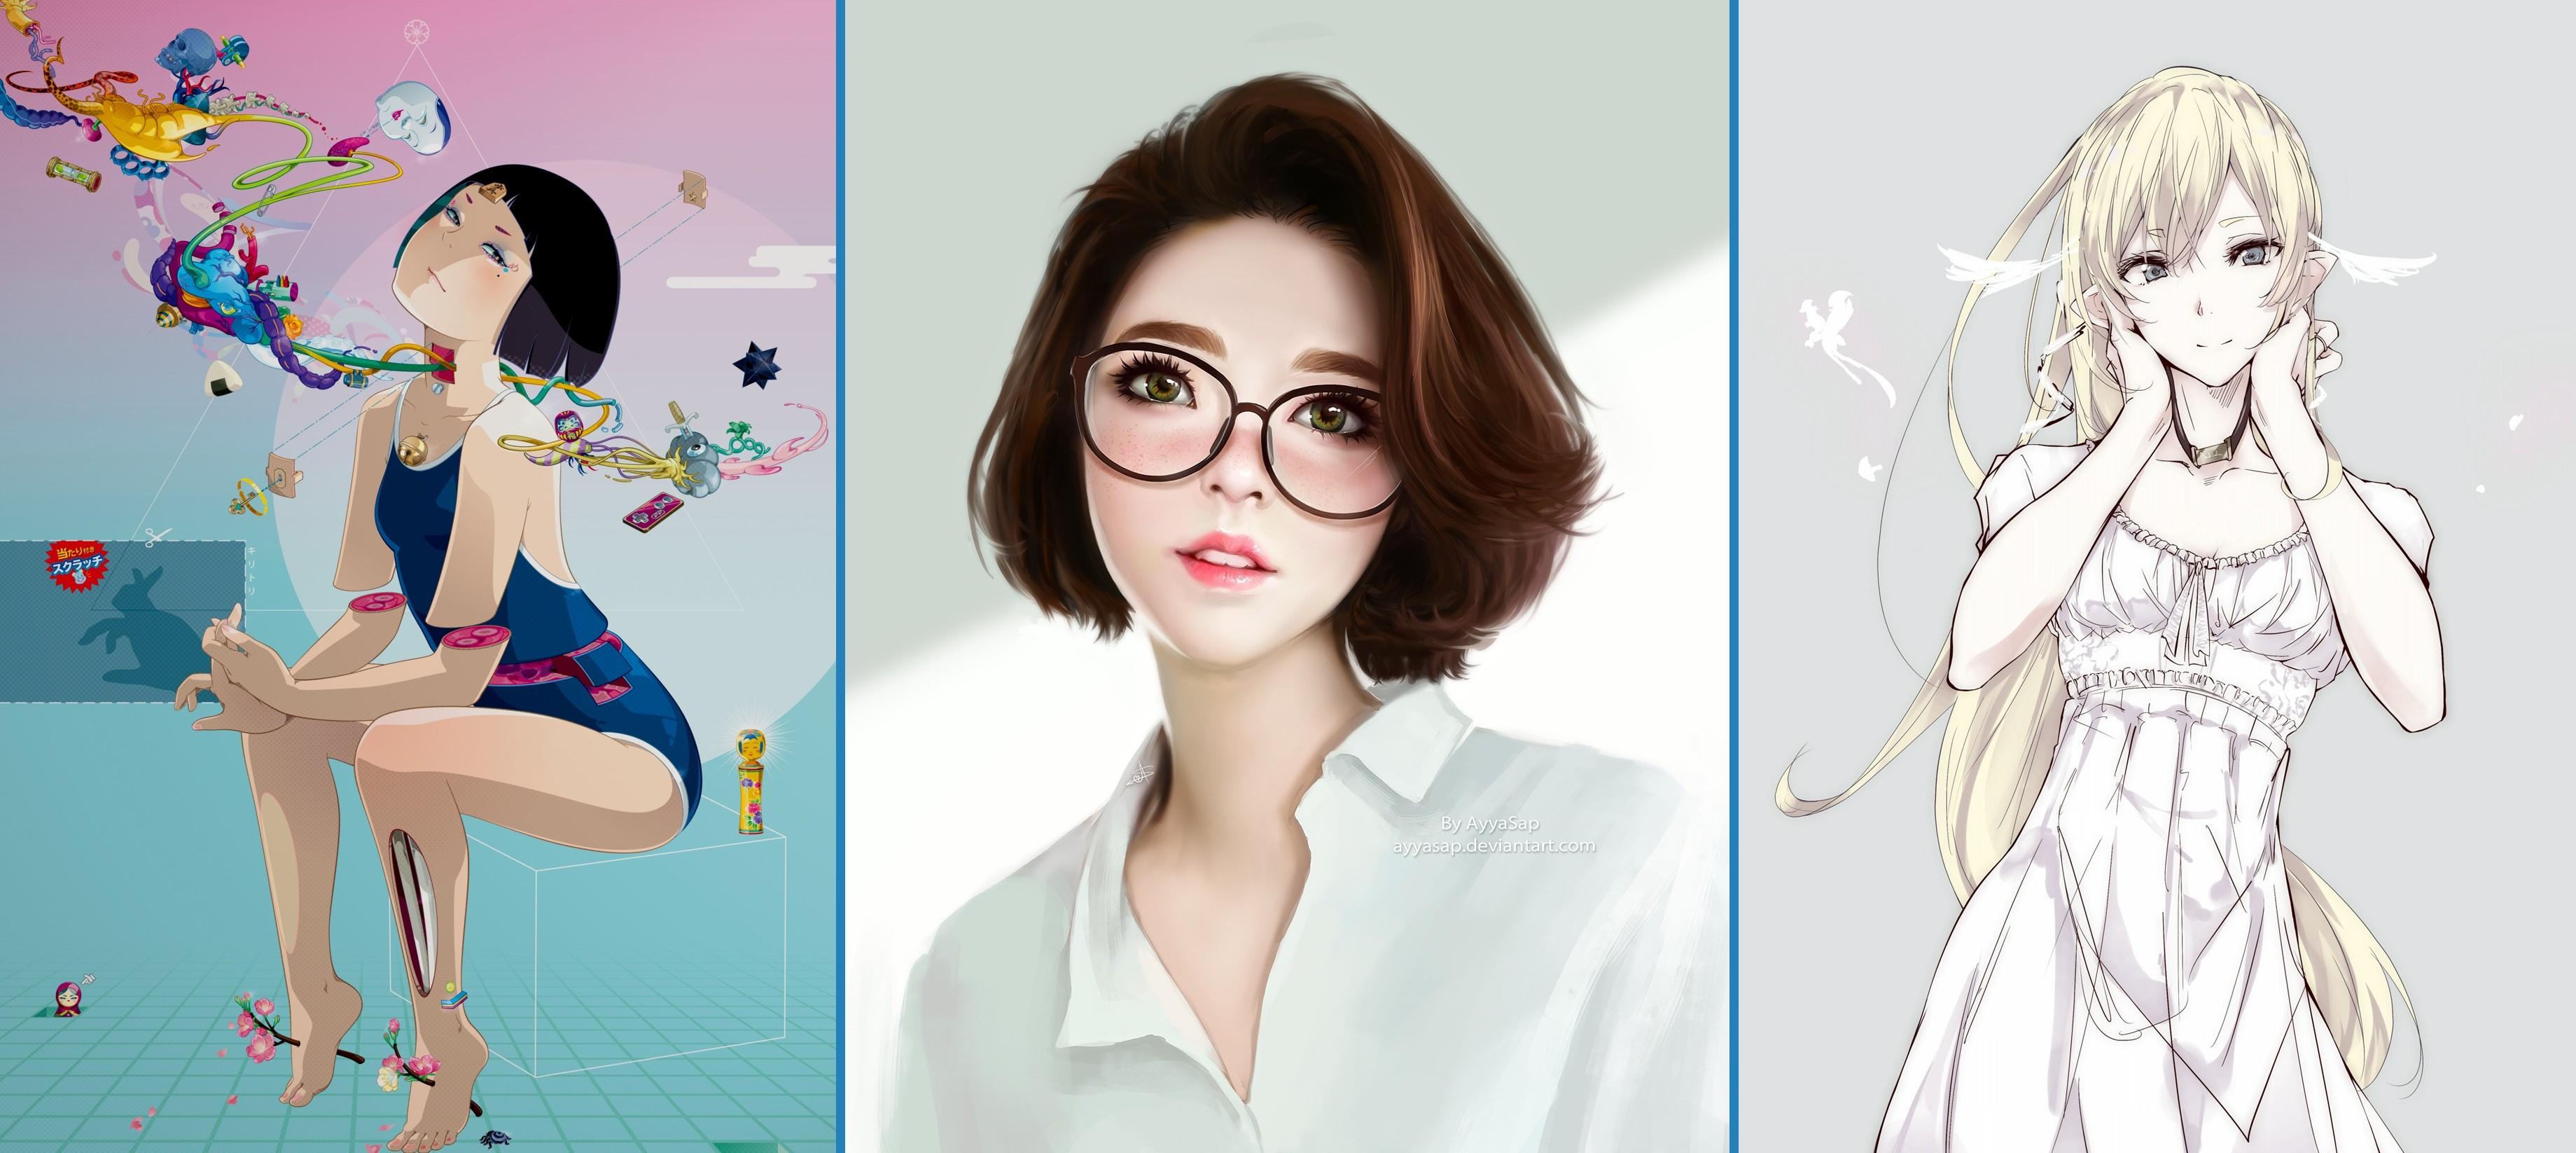 Wallpaper : Illustration, Anime Girls, Collage, Glasses